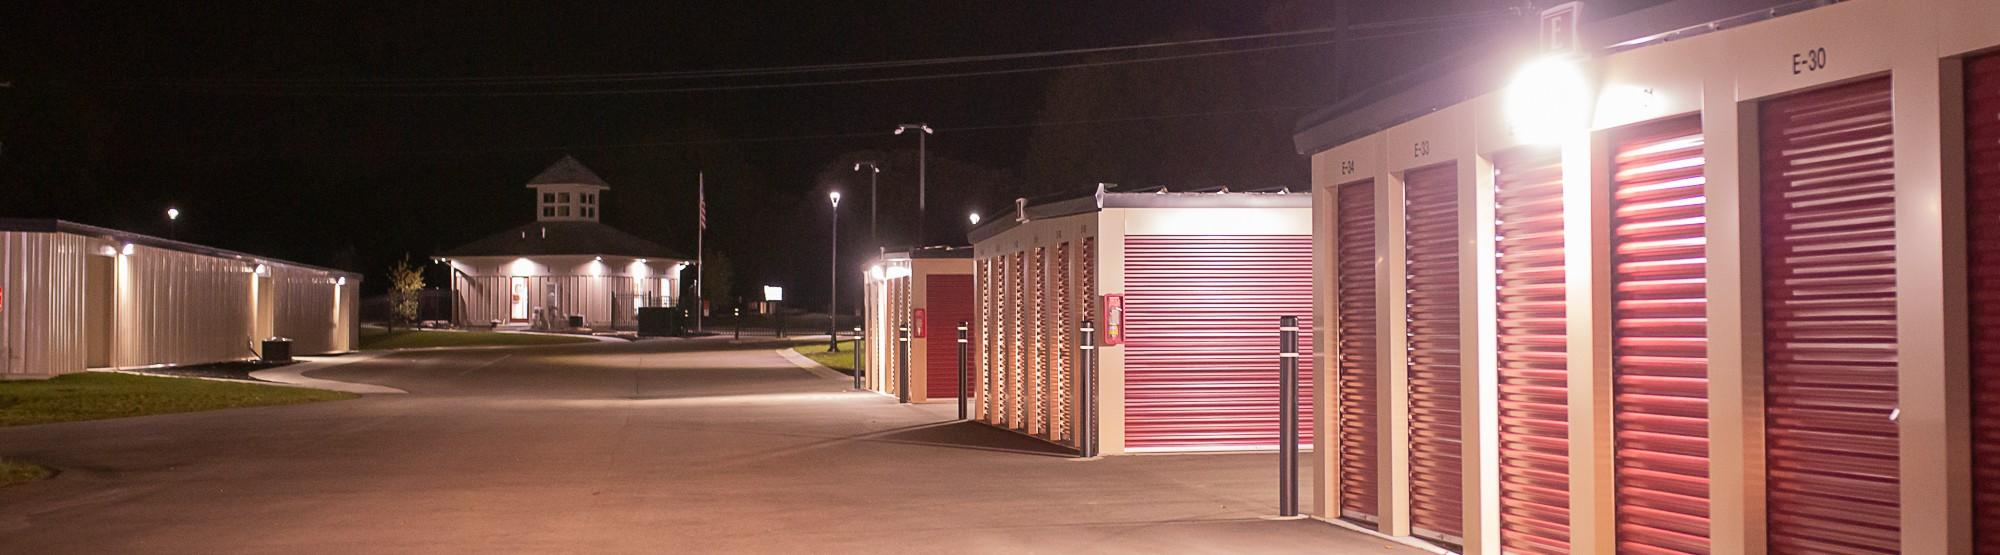 Weathervane Self Storage outdoor storage